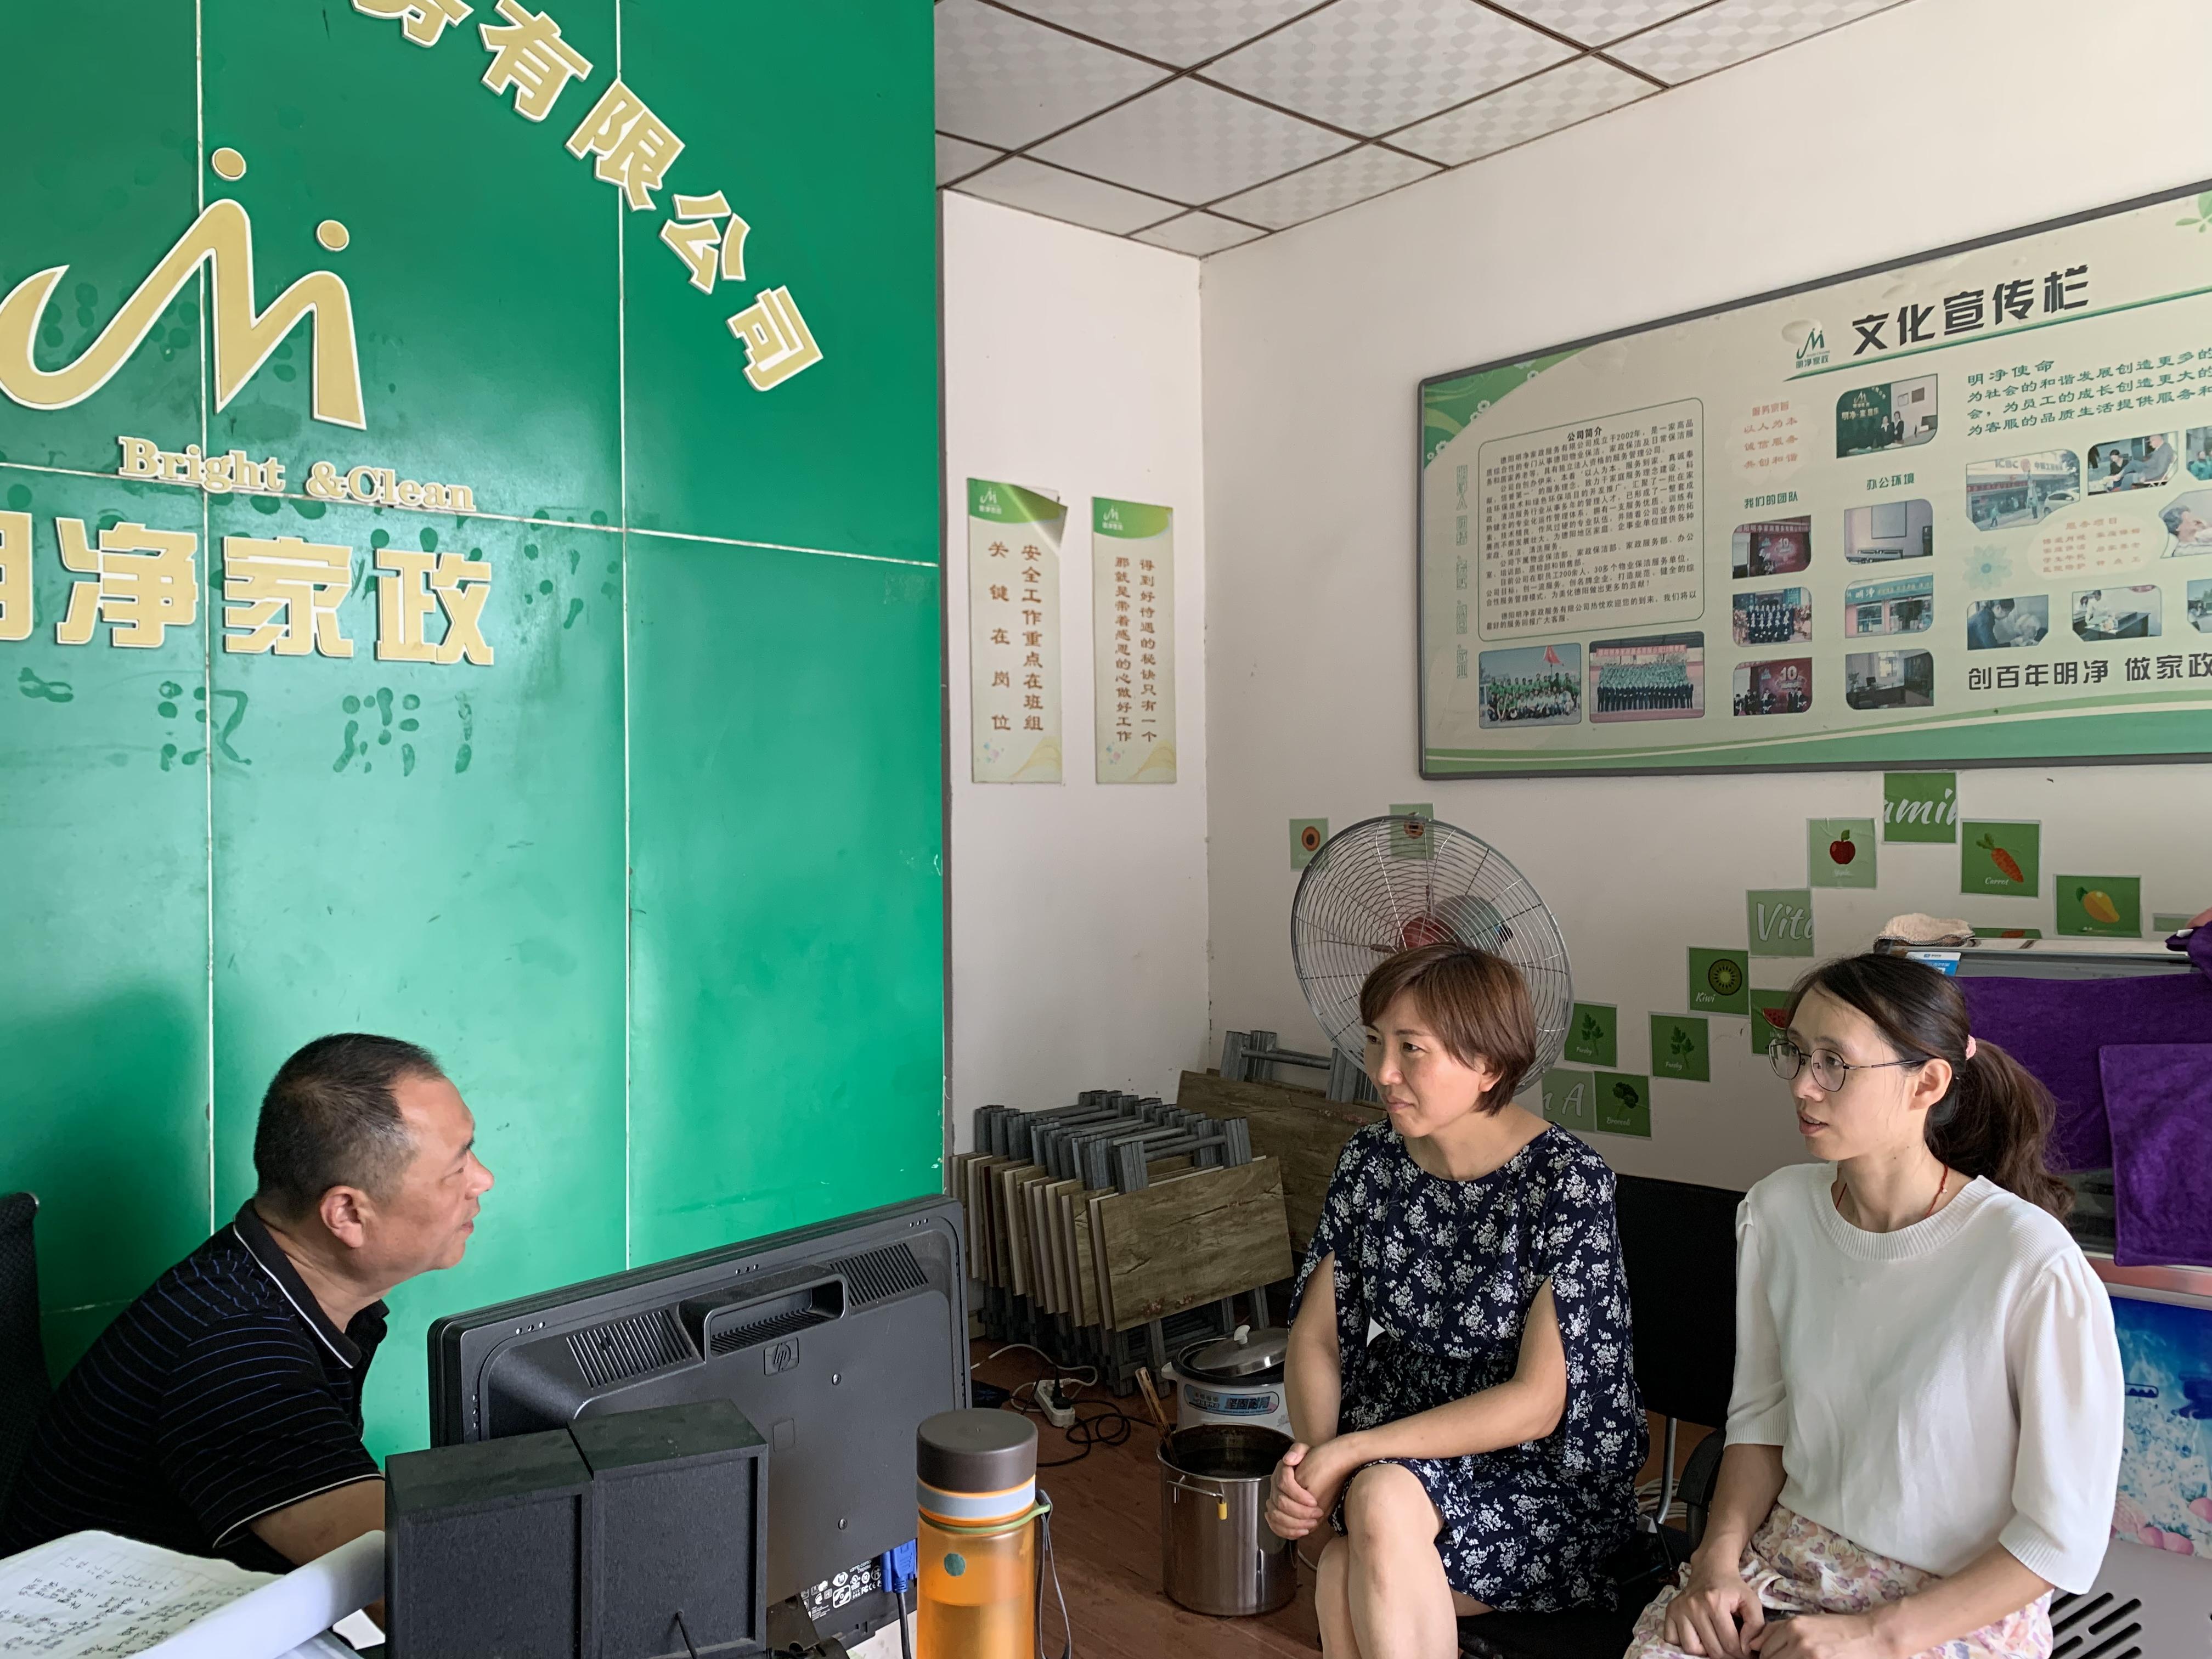 广汉市总工会多渠道开展家政行业